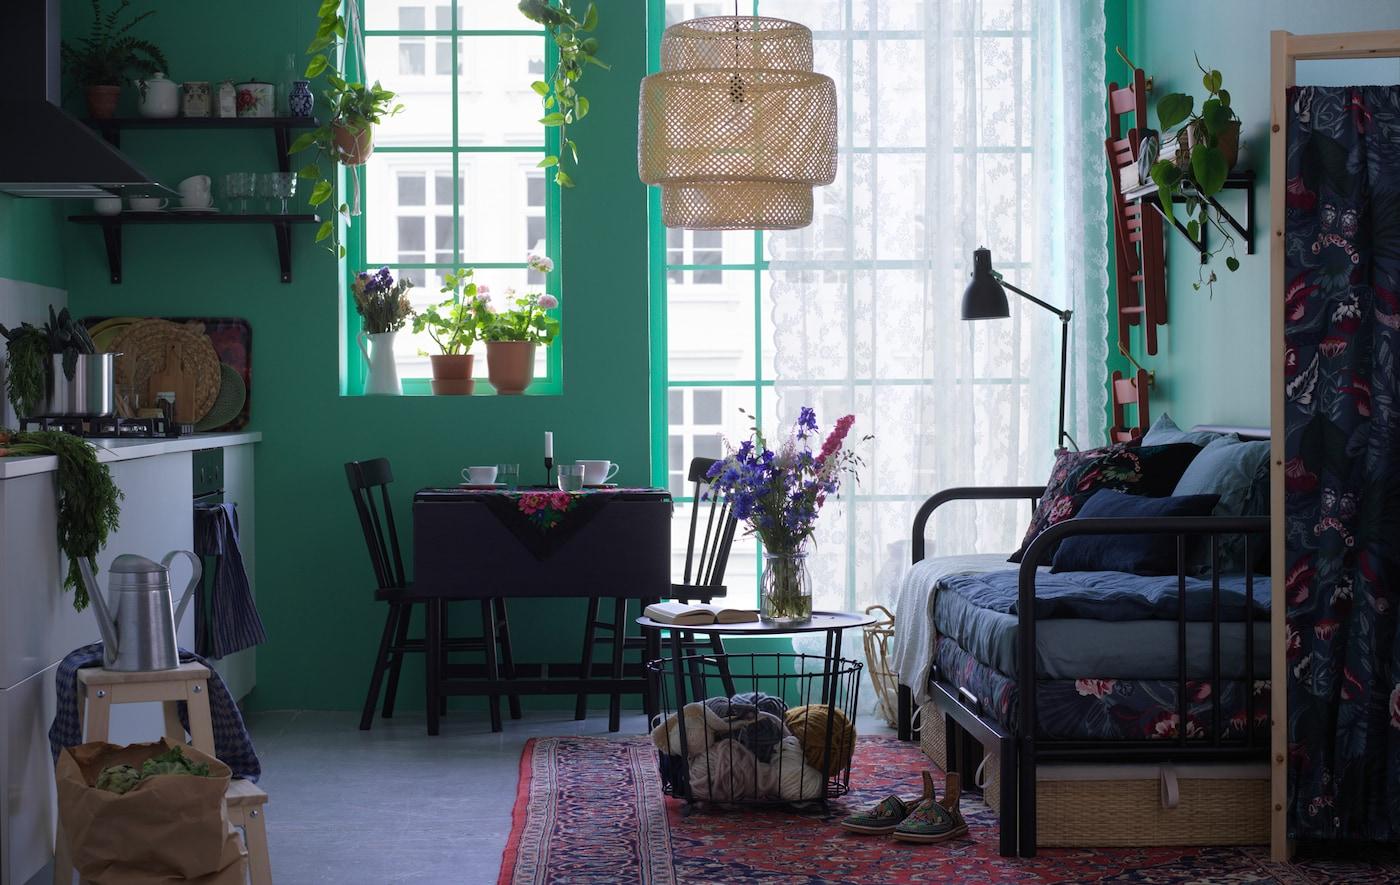 Atunci când ai oaspeți la care nu te așteptai, poți fi sigur că se simt confortabil cu patul de zi FYRESDAL de la IKEA.